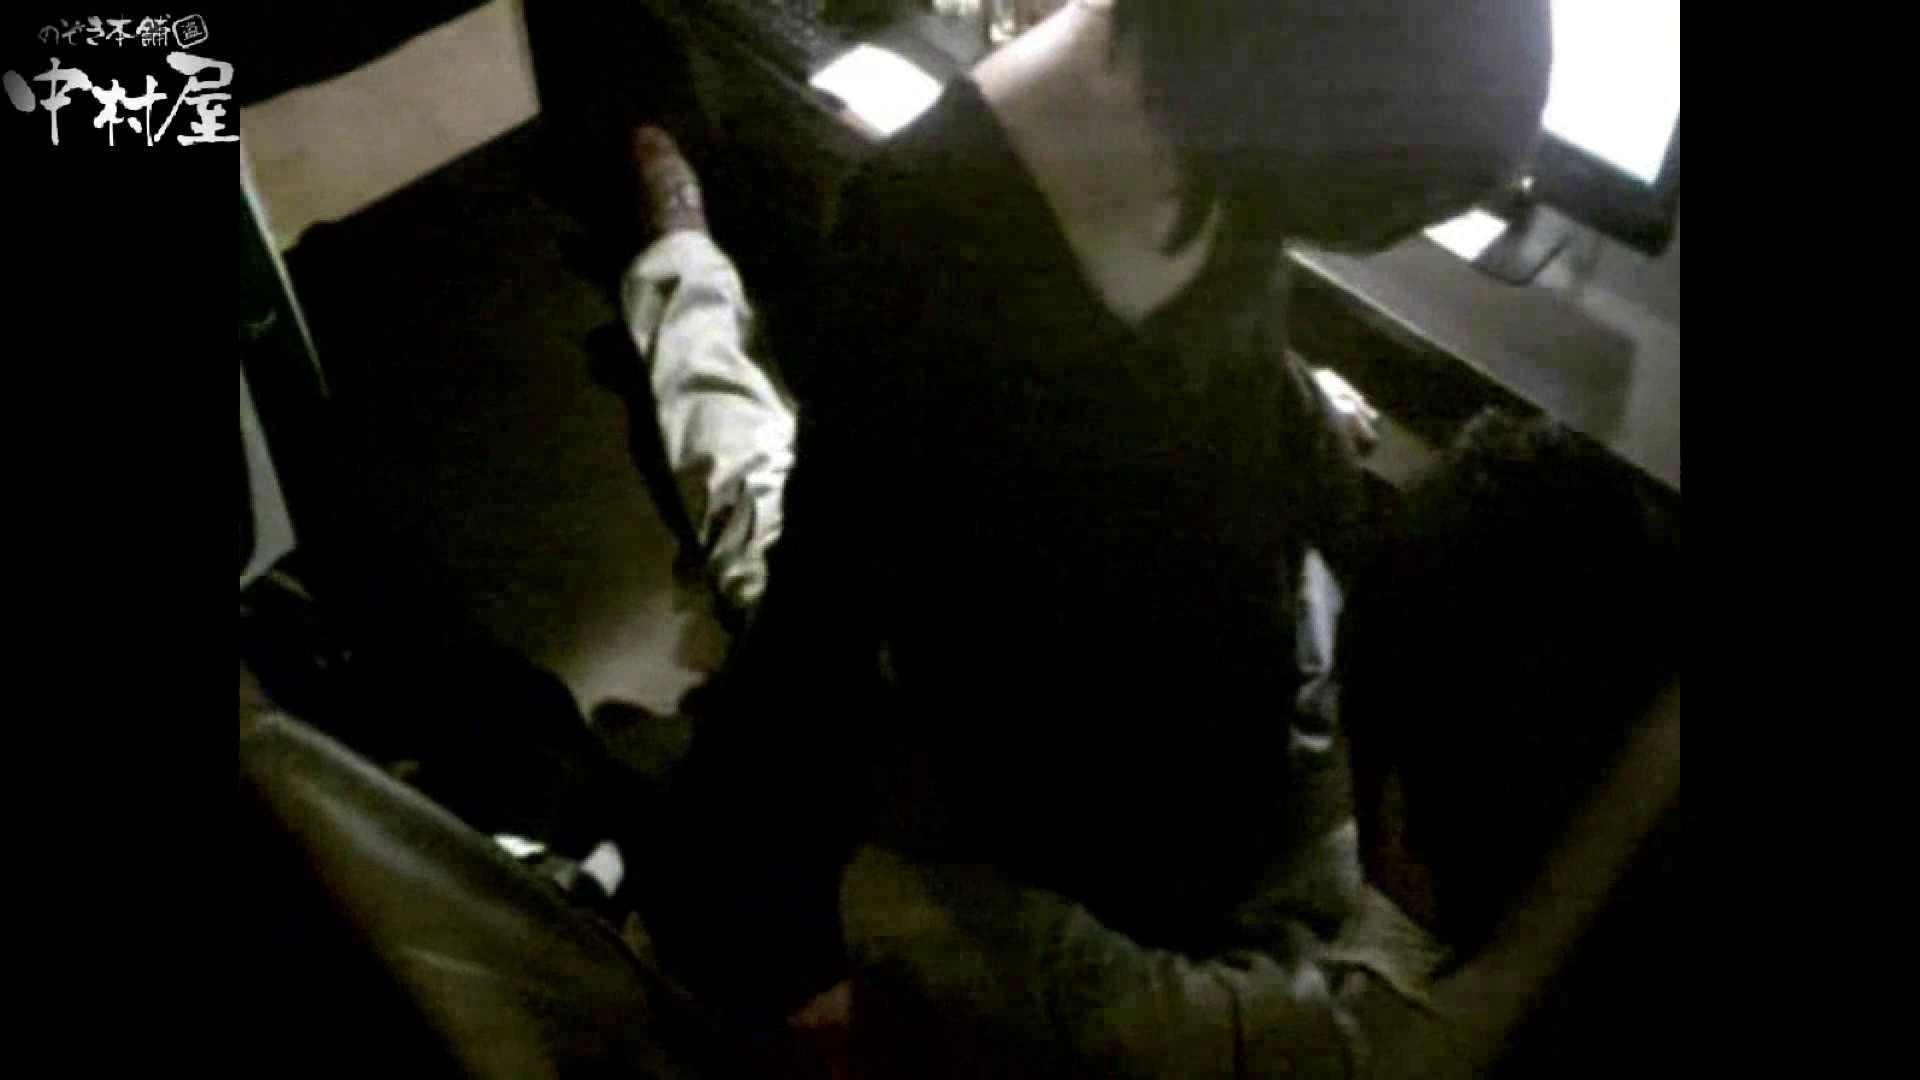 インターネットカフェの中で起こっている出来事 vol.011 カップル映像 | 卑猥すぎ  109PIX 11